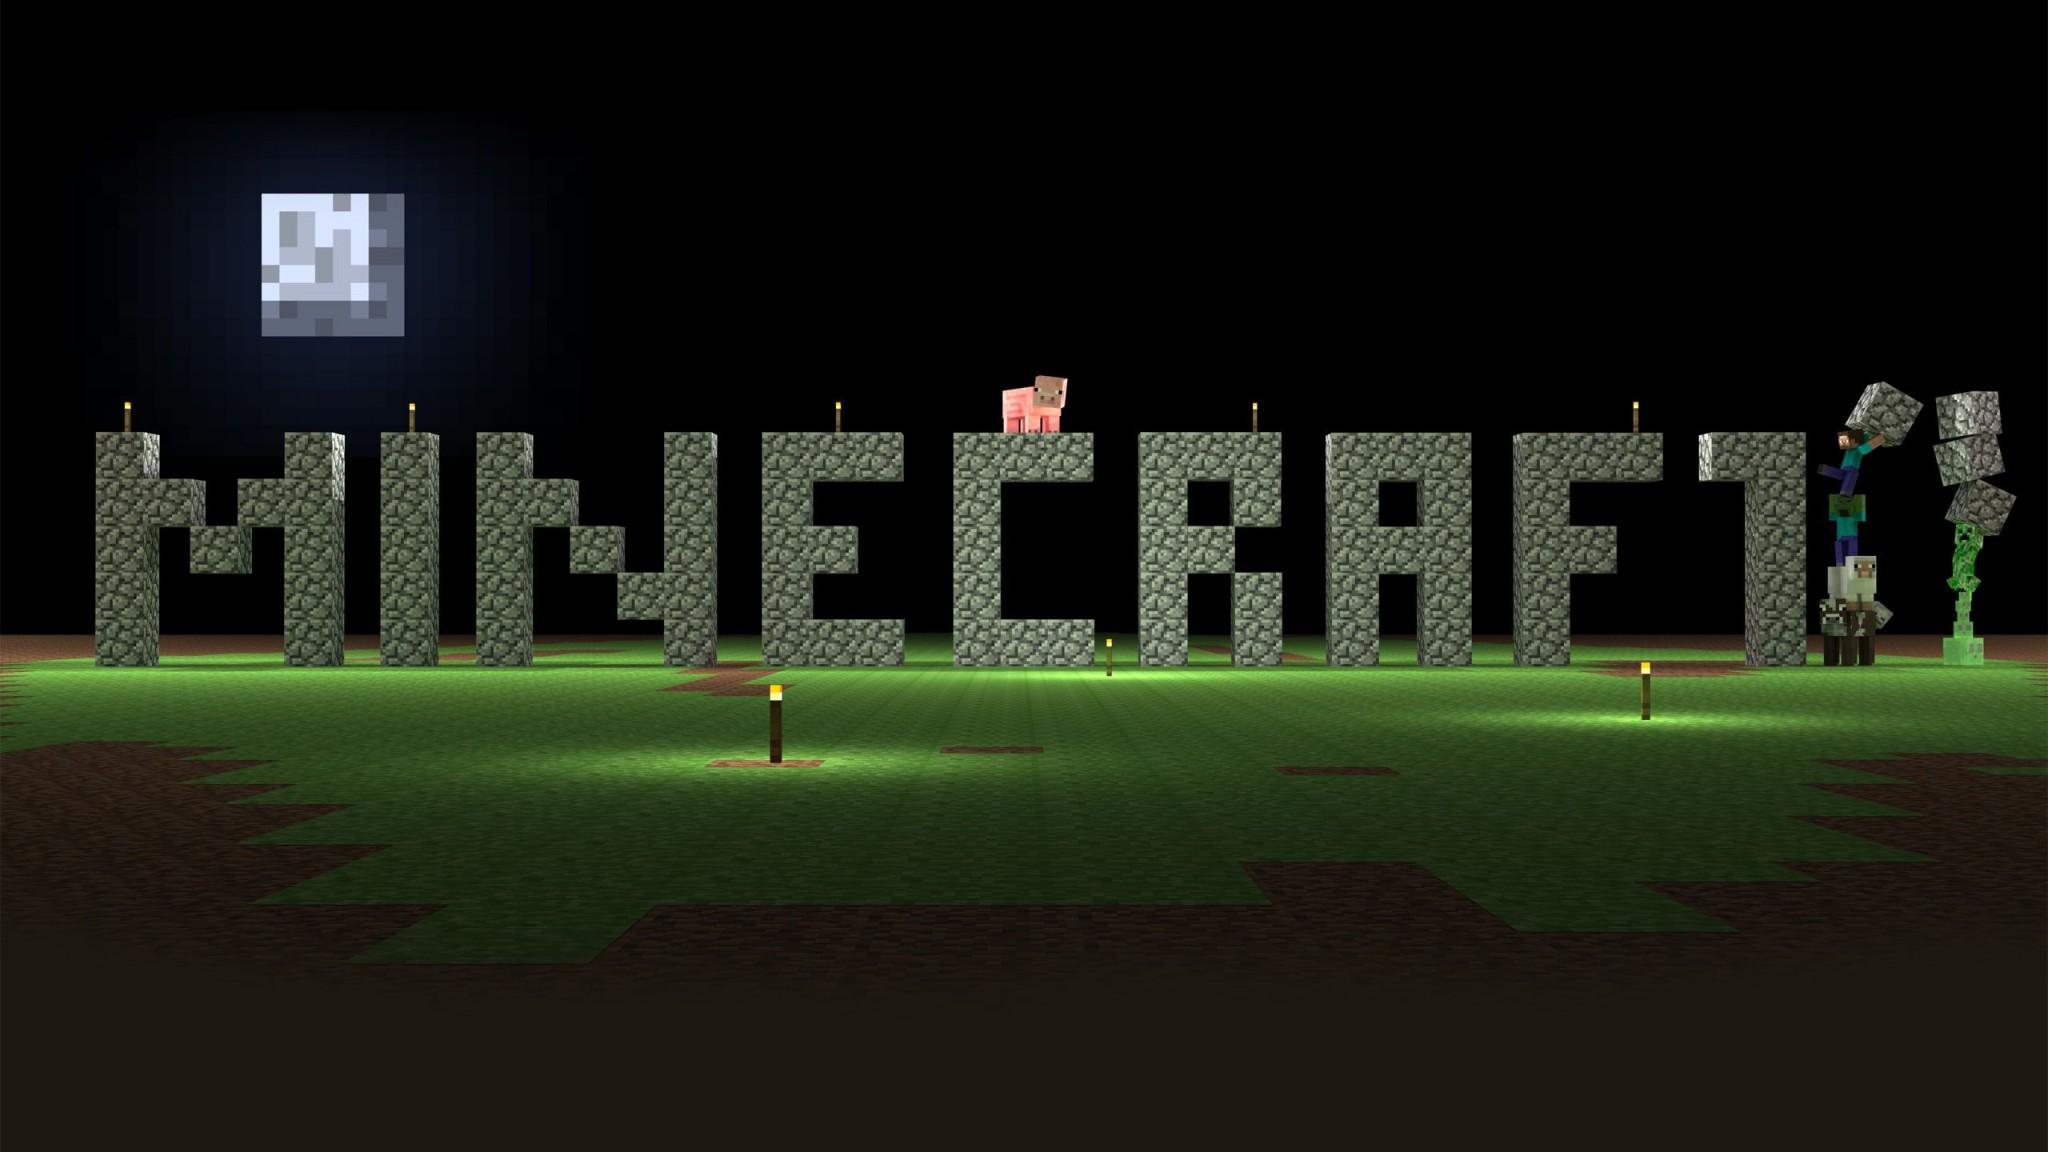 Minecraft Wallpaper 1152x2048 Minecraft background 1152x2048jpg 2048x1152